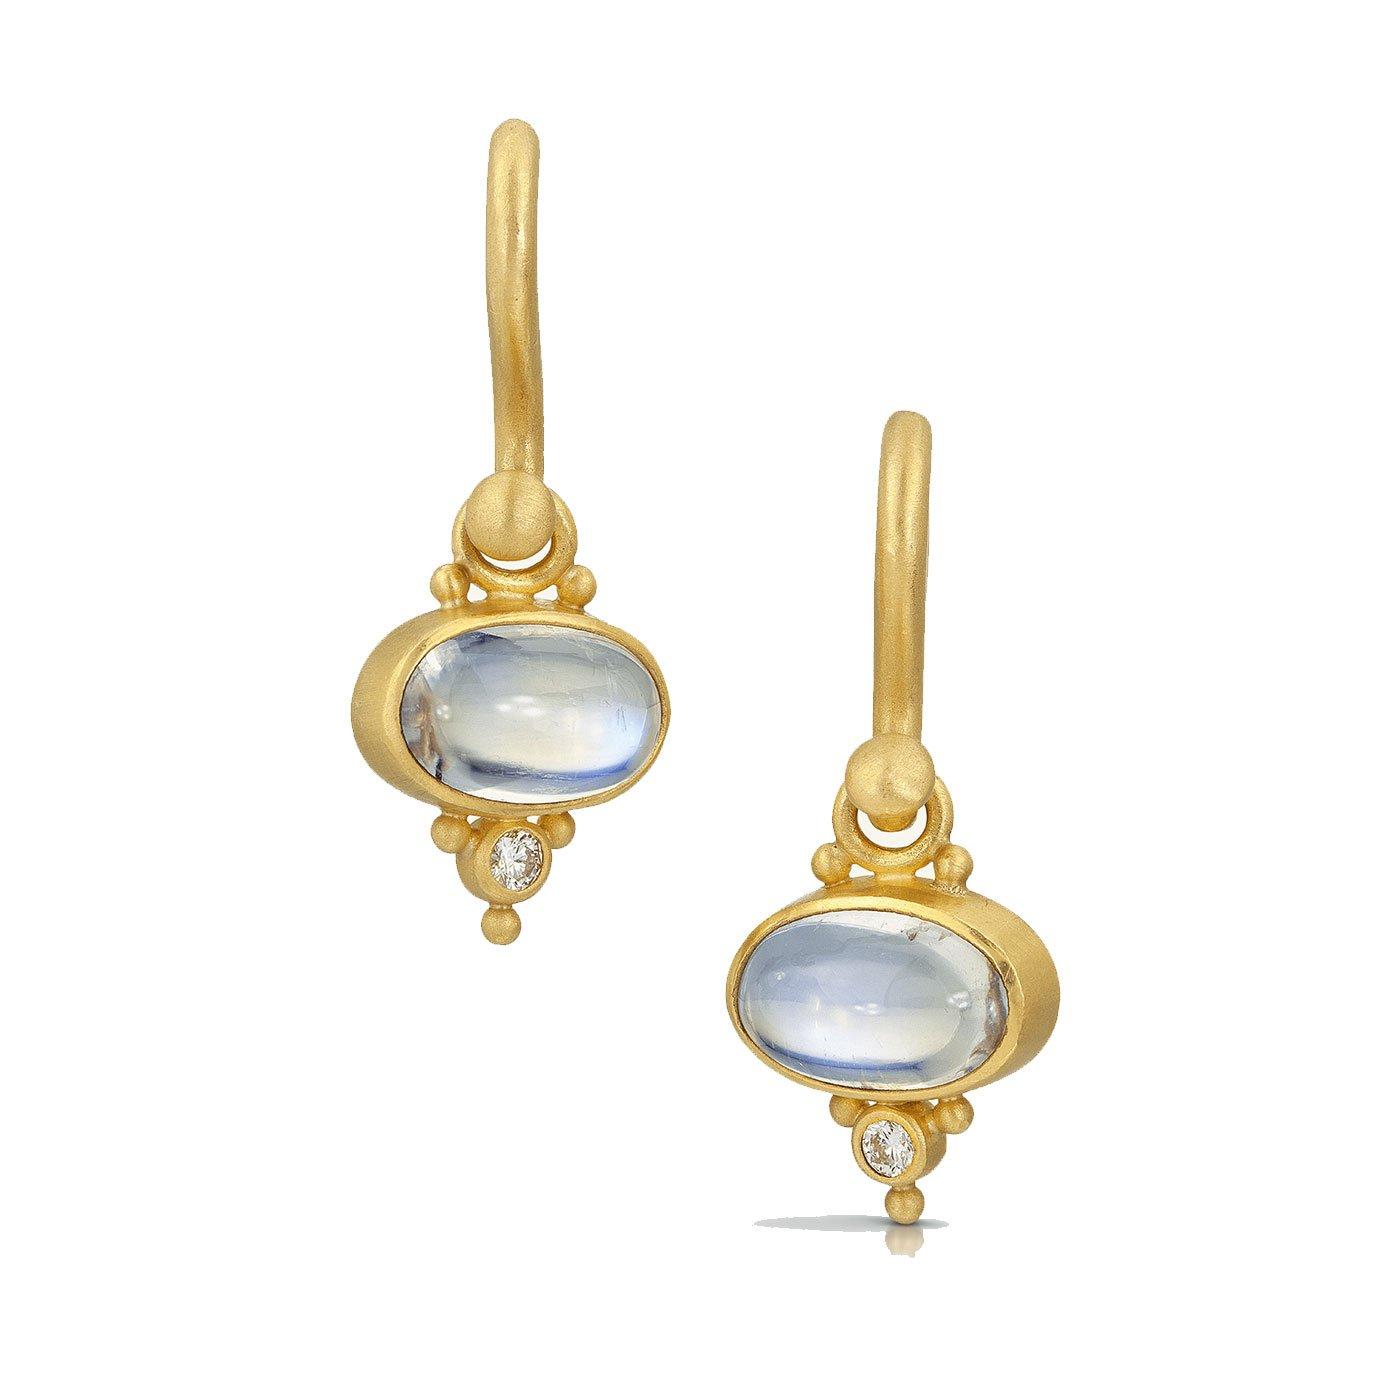 Moonstone Earrings - Betesh - Mansoor Jewelers